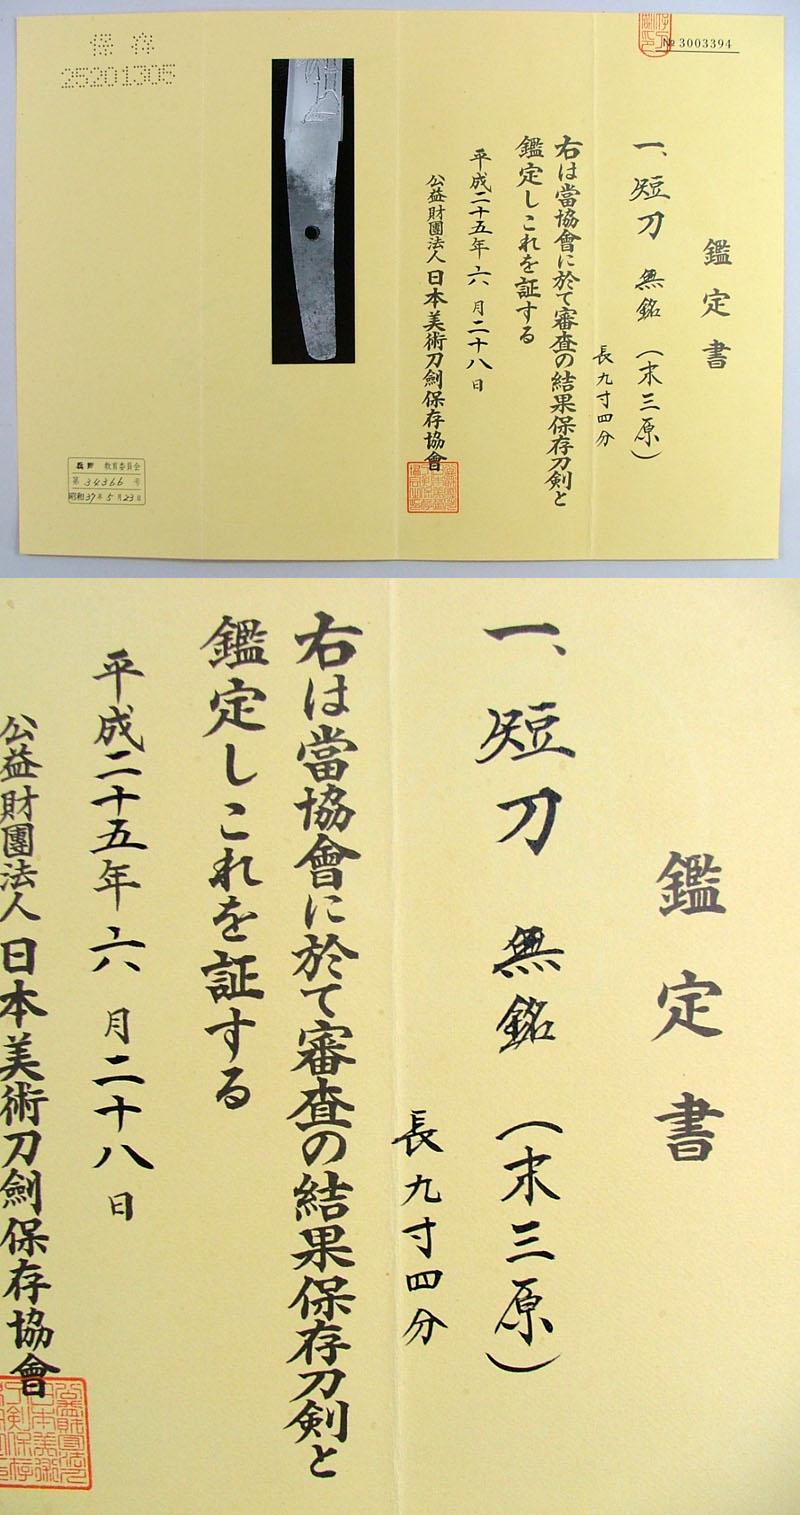 無銘(末3原) Picture of Certificate